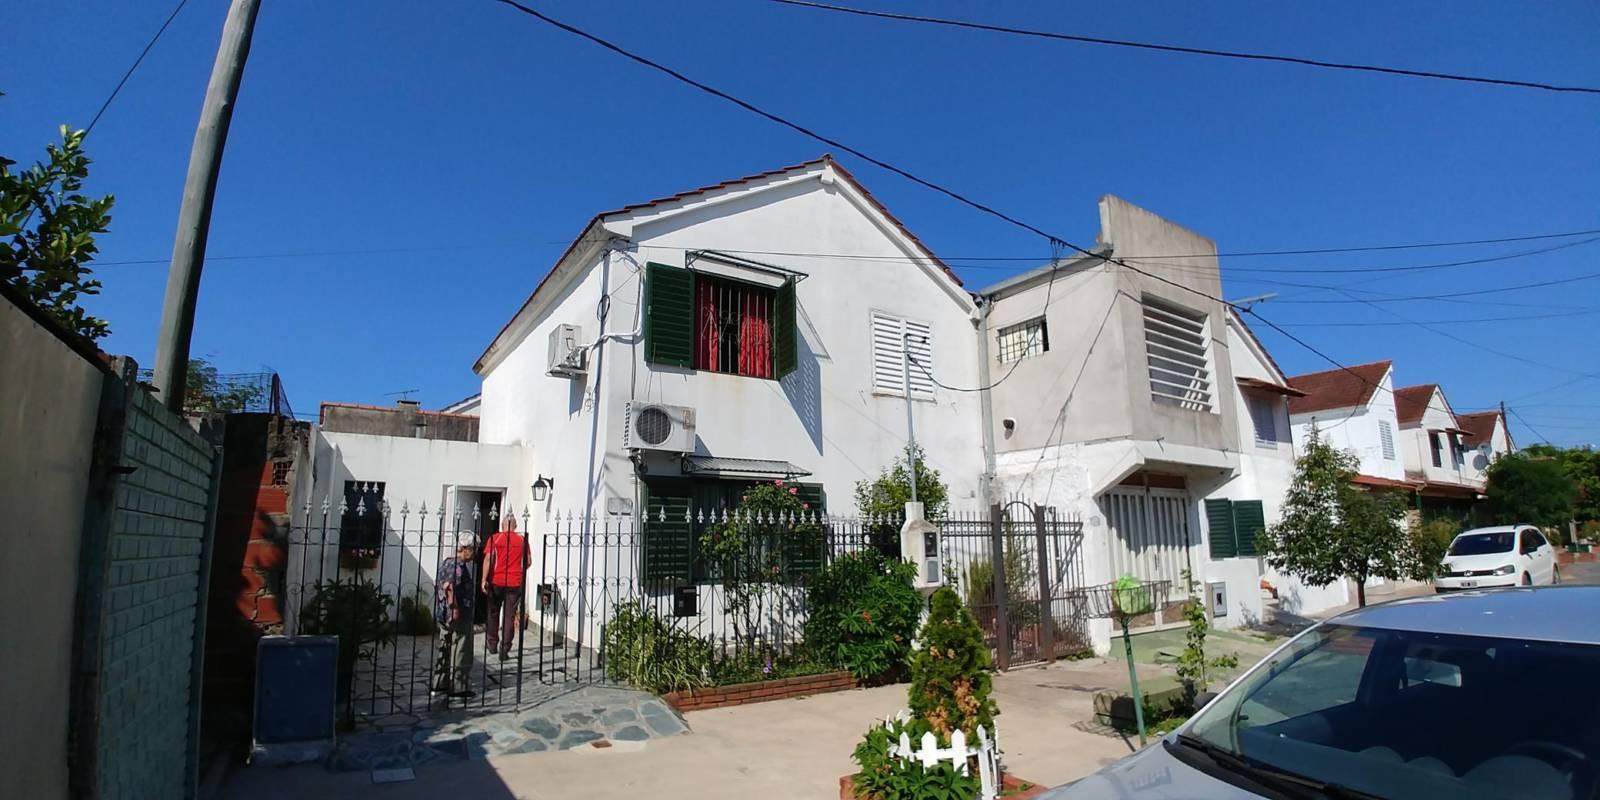 Dúplex en venta – Calle 27bis e/74 y 75 | Larrosa